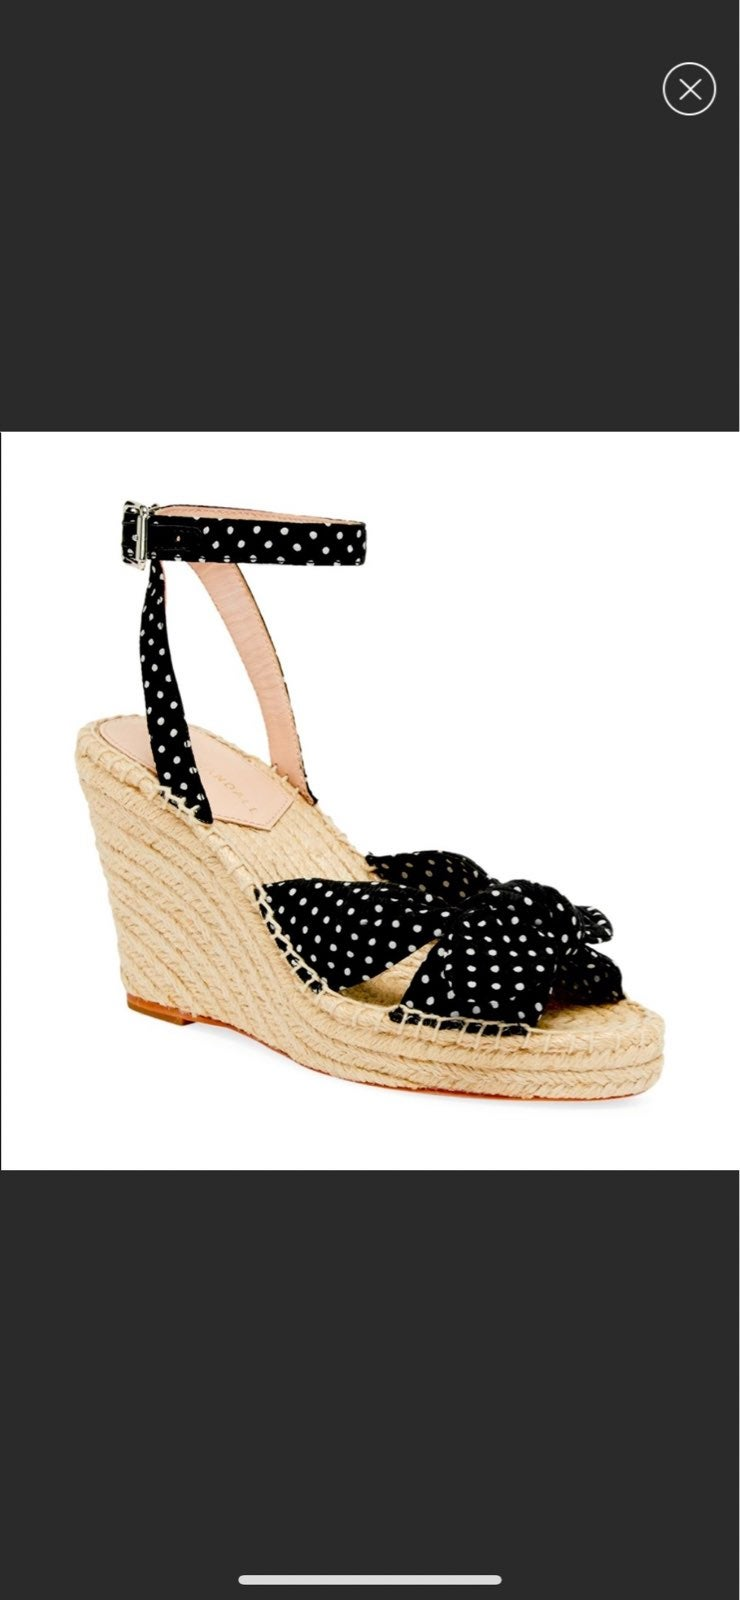 Loeffler Randall Designer sandals